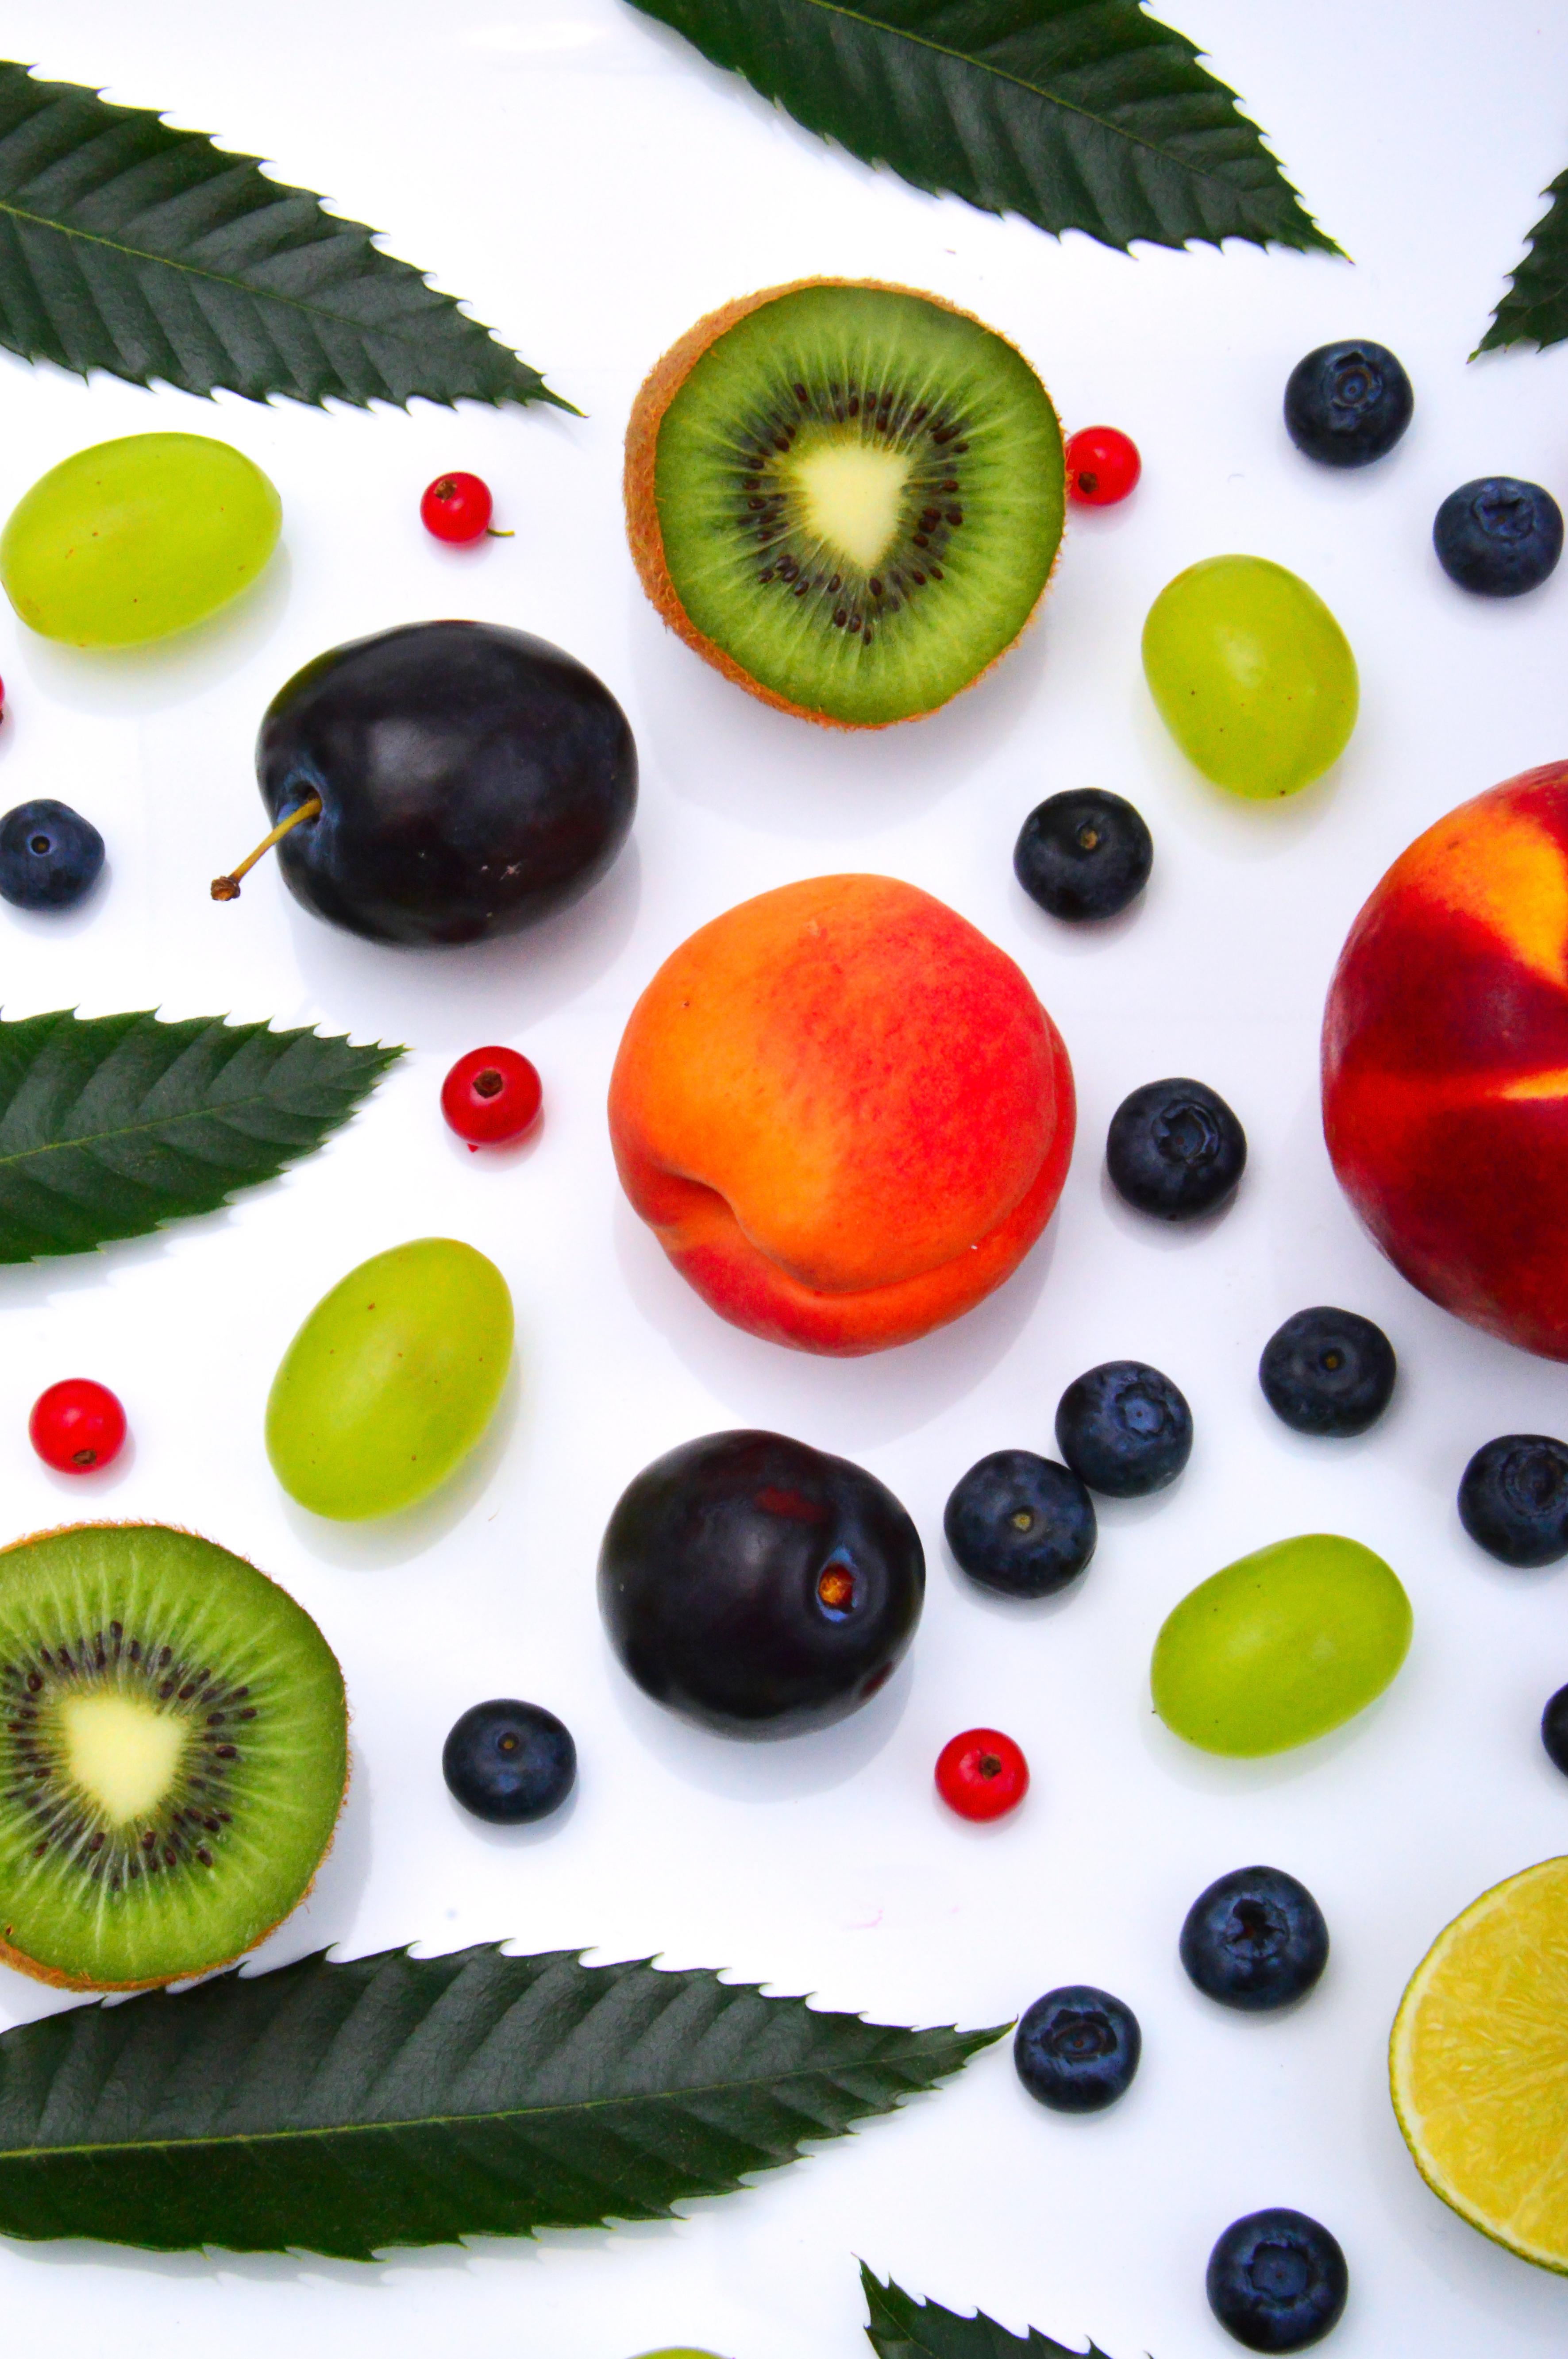 Poze Fruct Vară Fundal Top Fructe De Padure Vedere